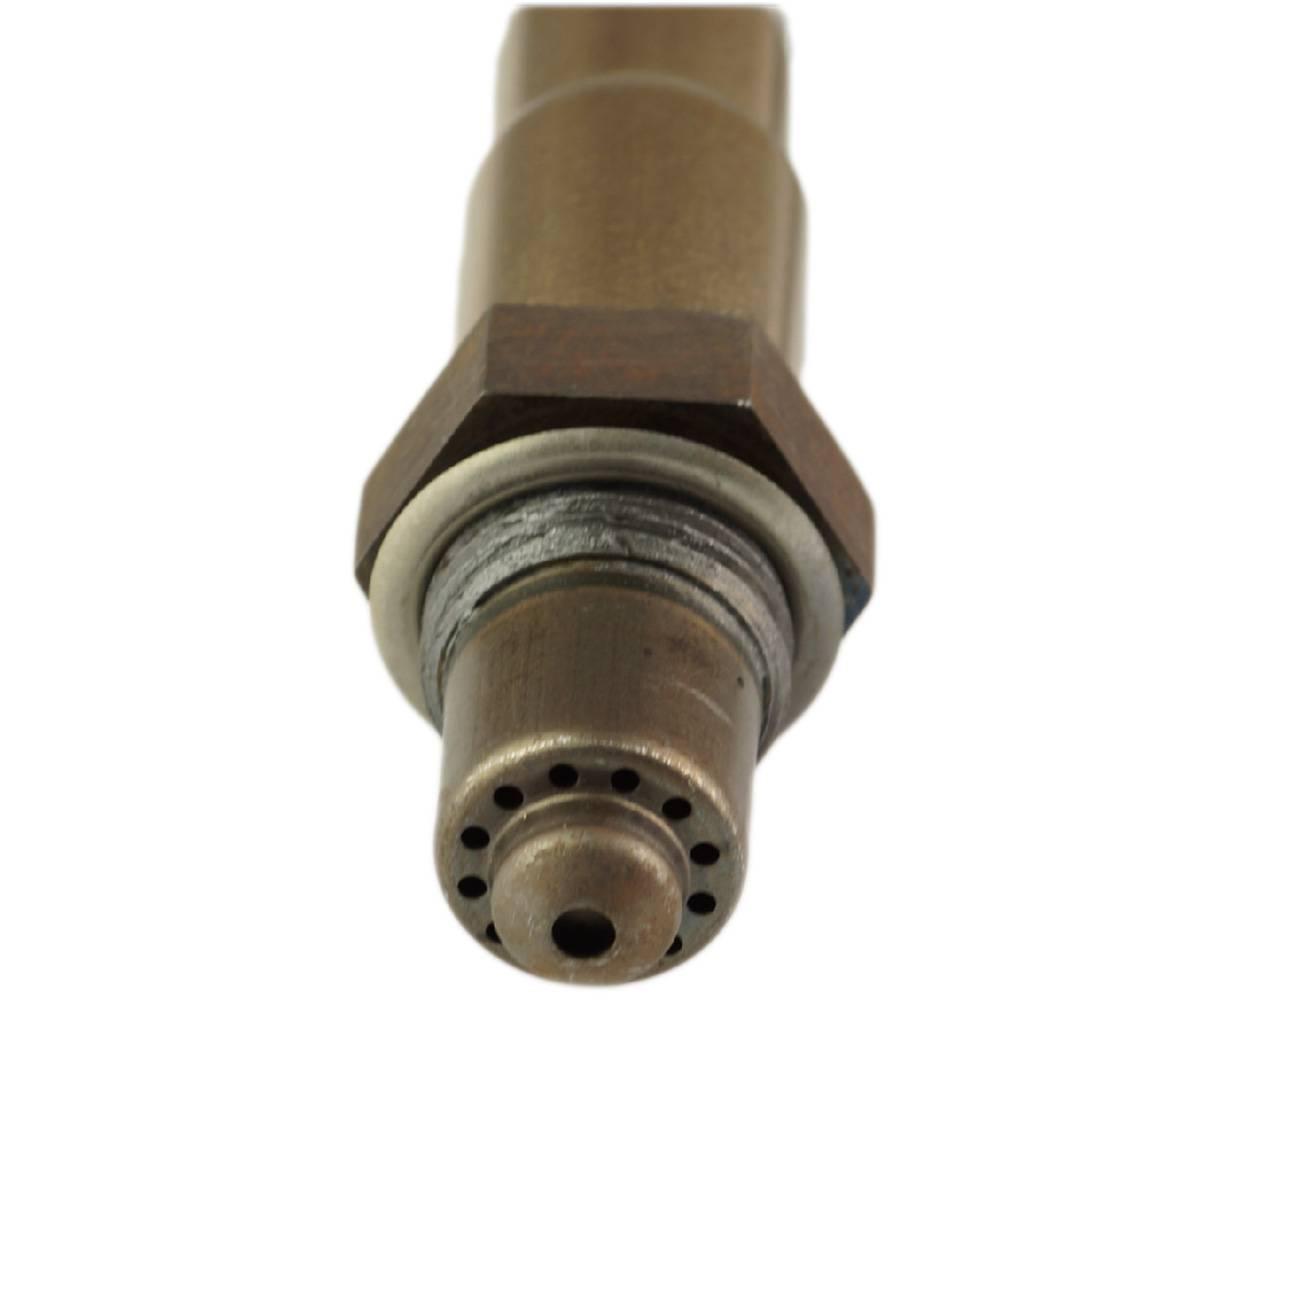 For BMW E60 E63 E66 06-10 Oxygen Sensor Driver Left Side OEM BOSCH 11787539126